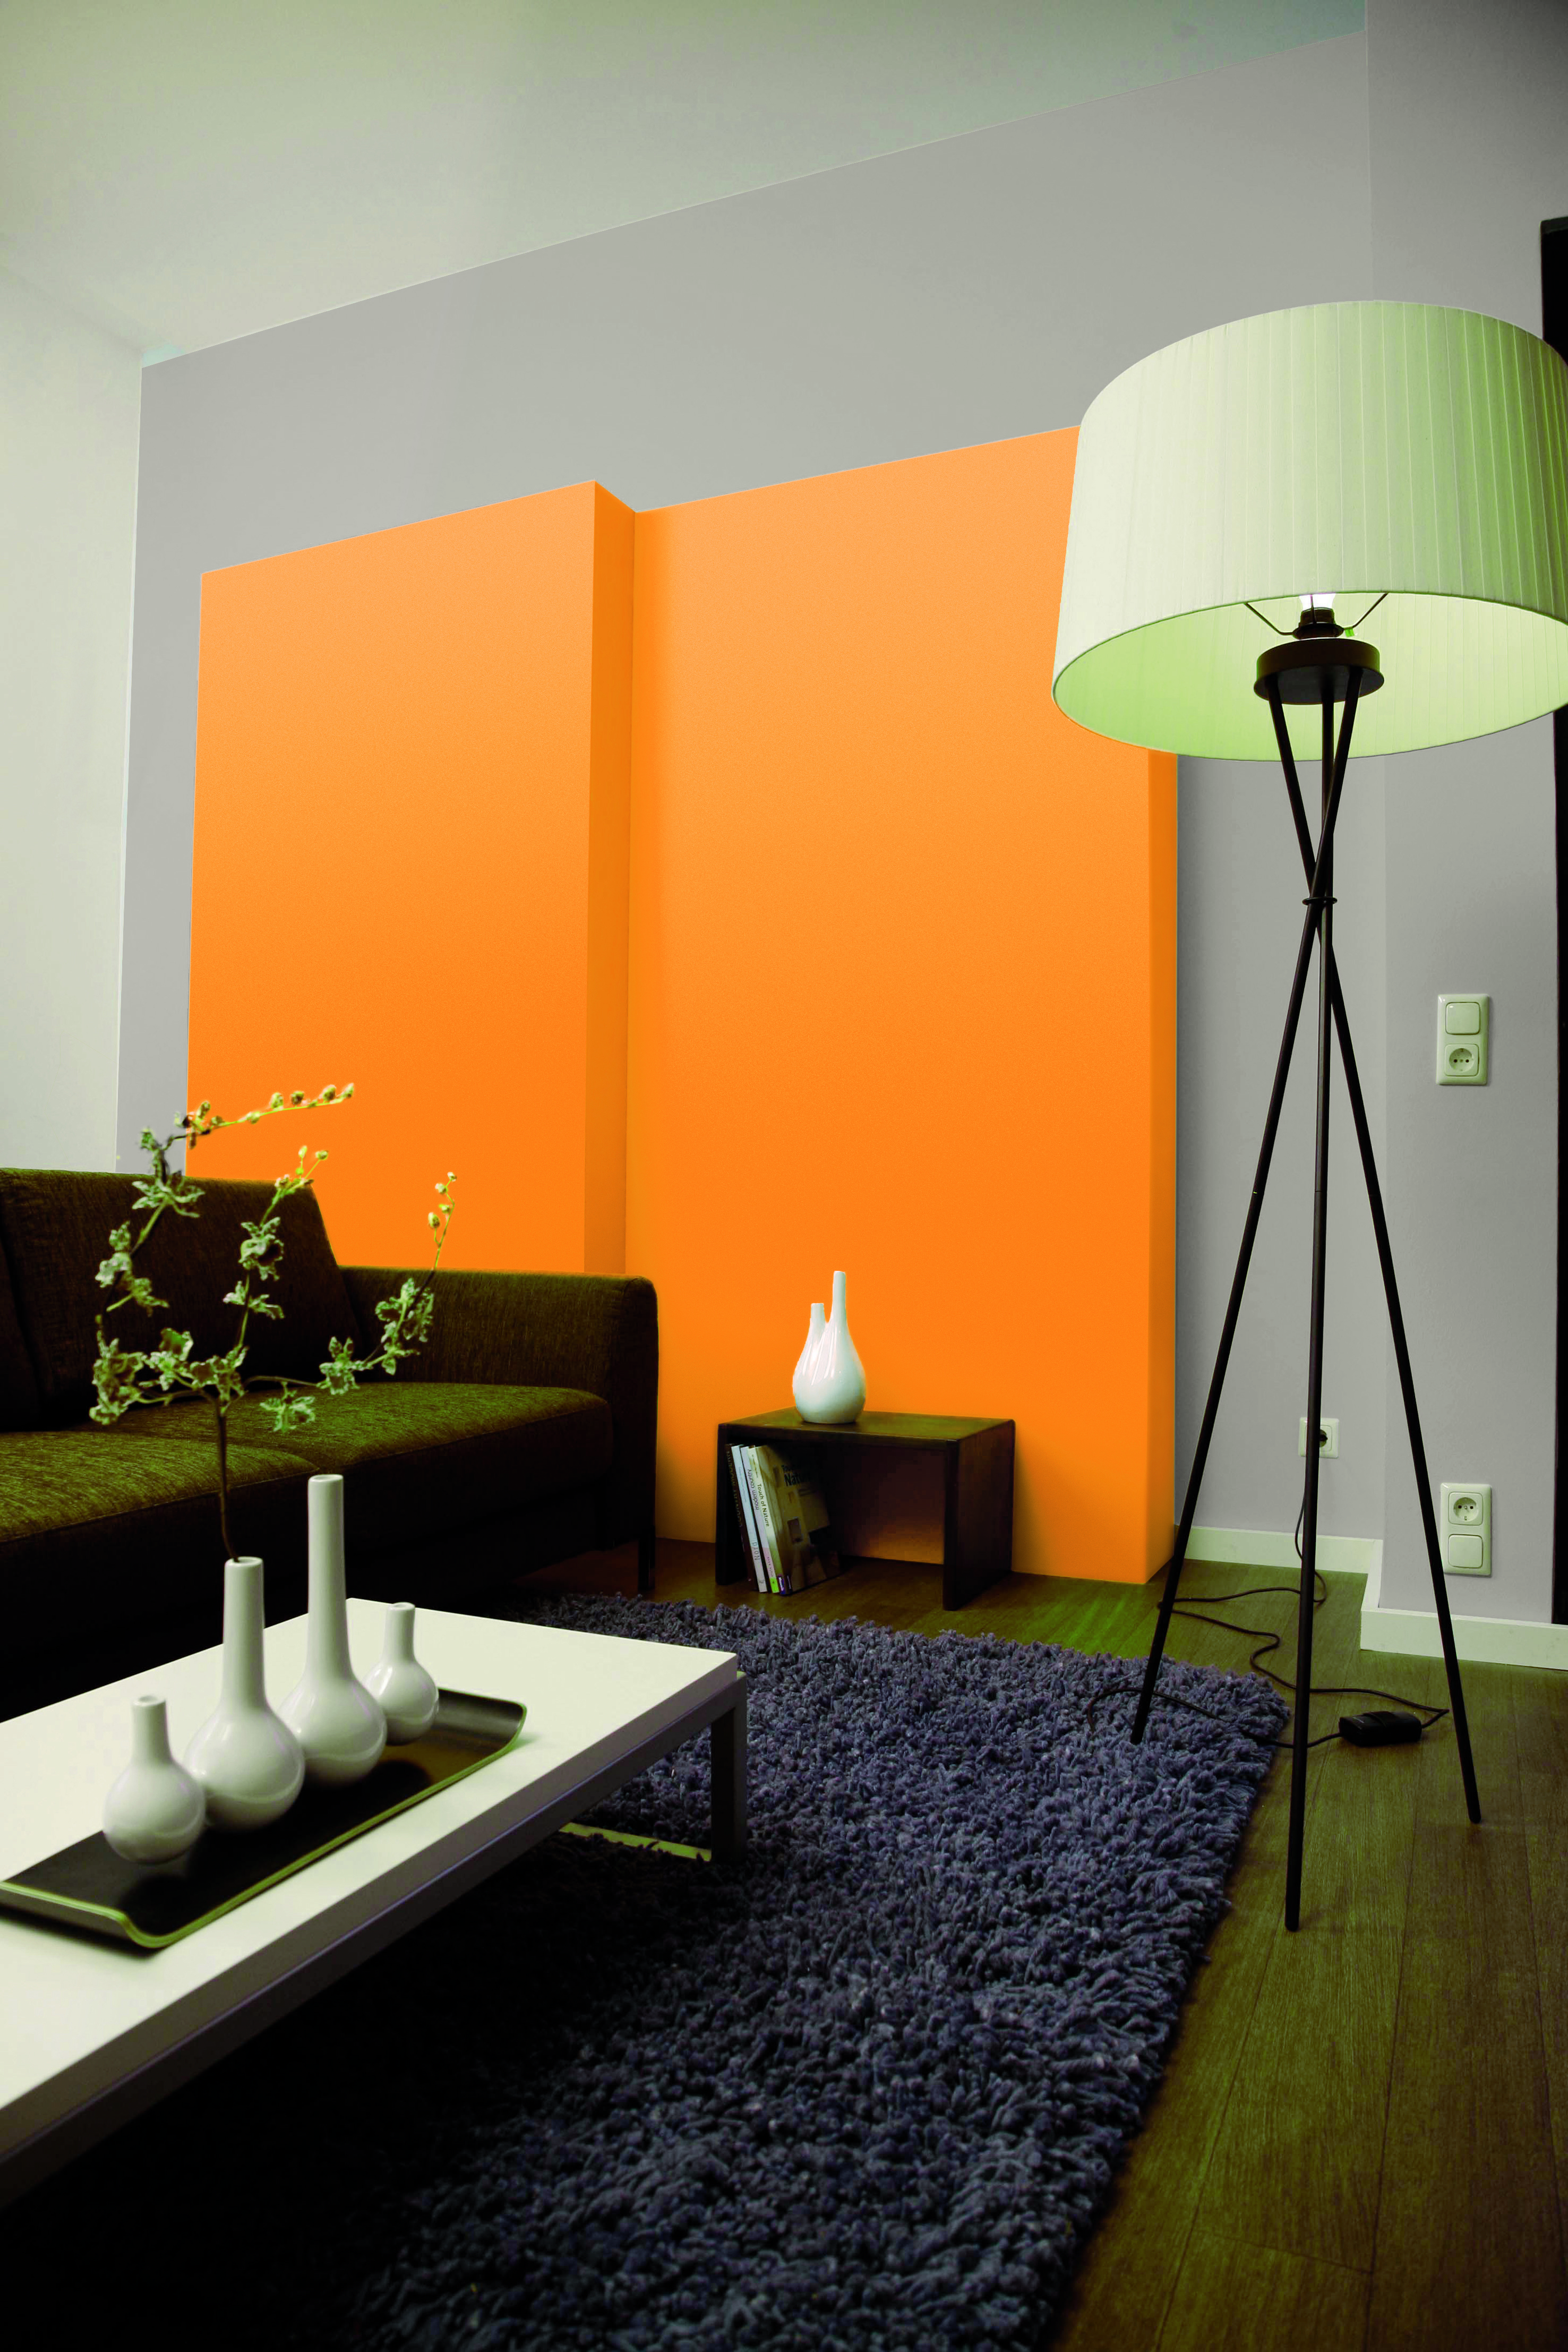 Ideen für die Wandgestaltung im Wohnzimmer: Alpina Farbe & Einrichten